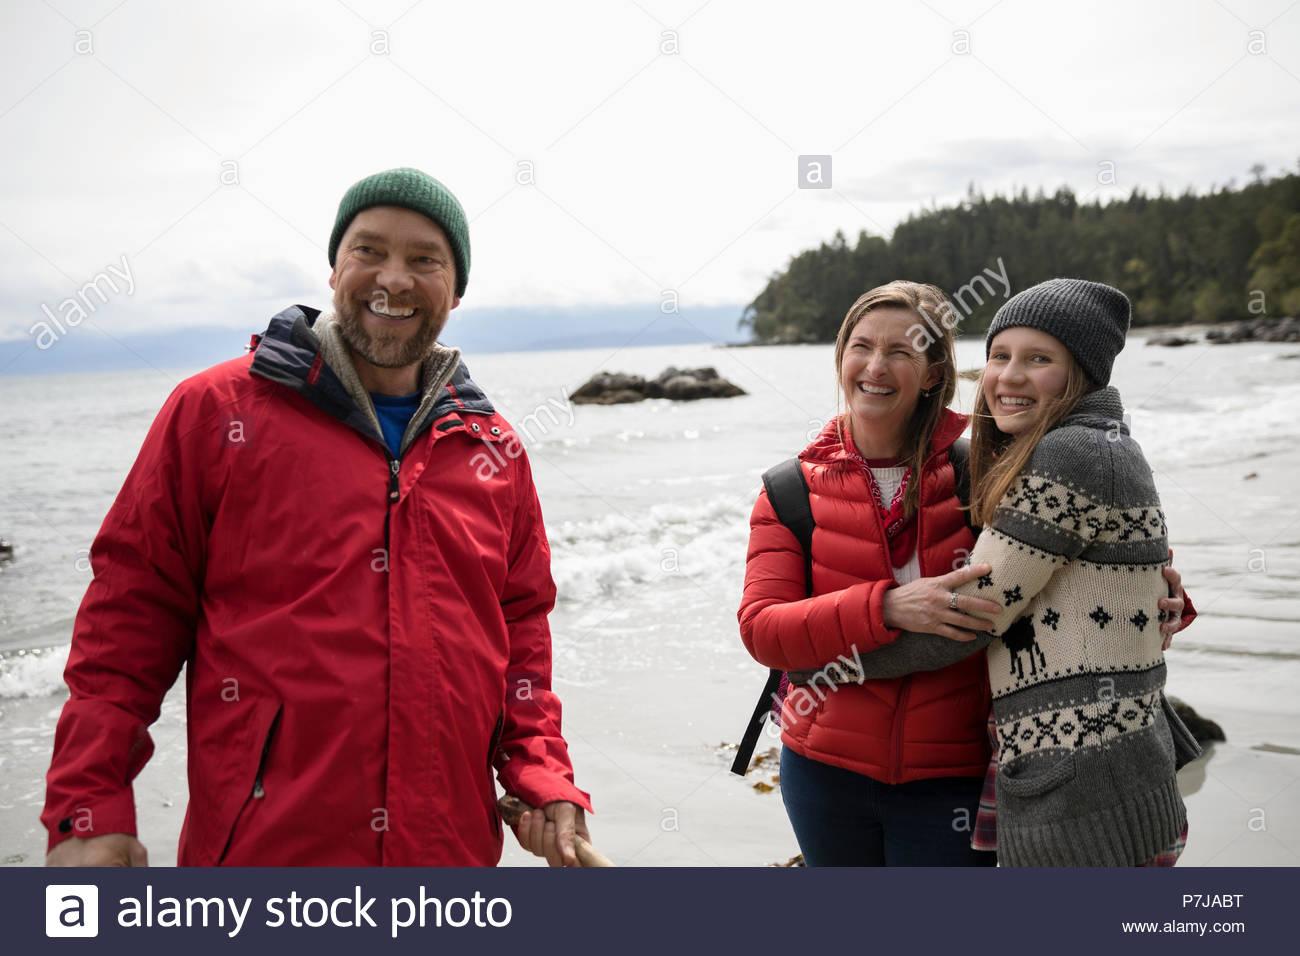 La famiglia felice sulla spiaggia di robusti Immagini Stock